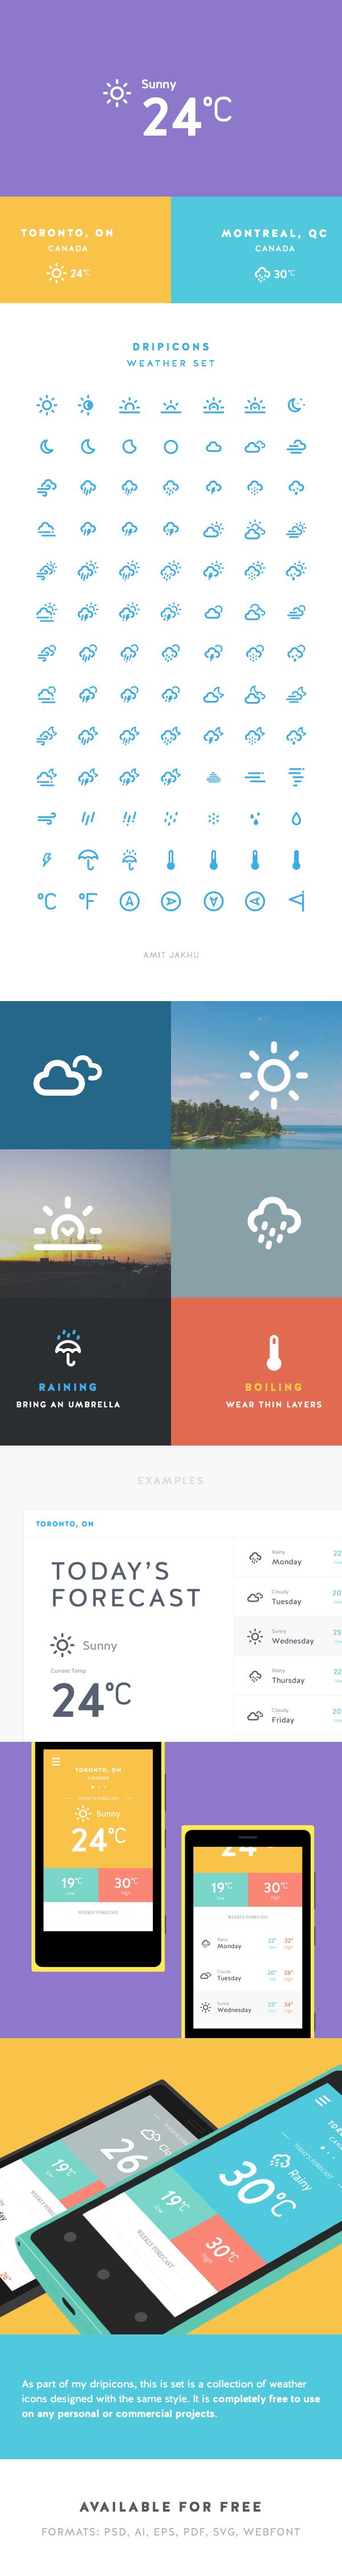 Dripicons - Weather Set иконки (.Psd +.Ai) скачать бесплатно